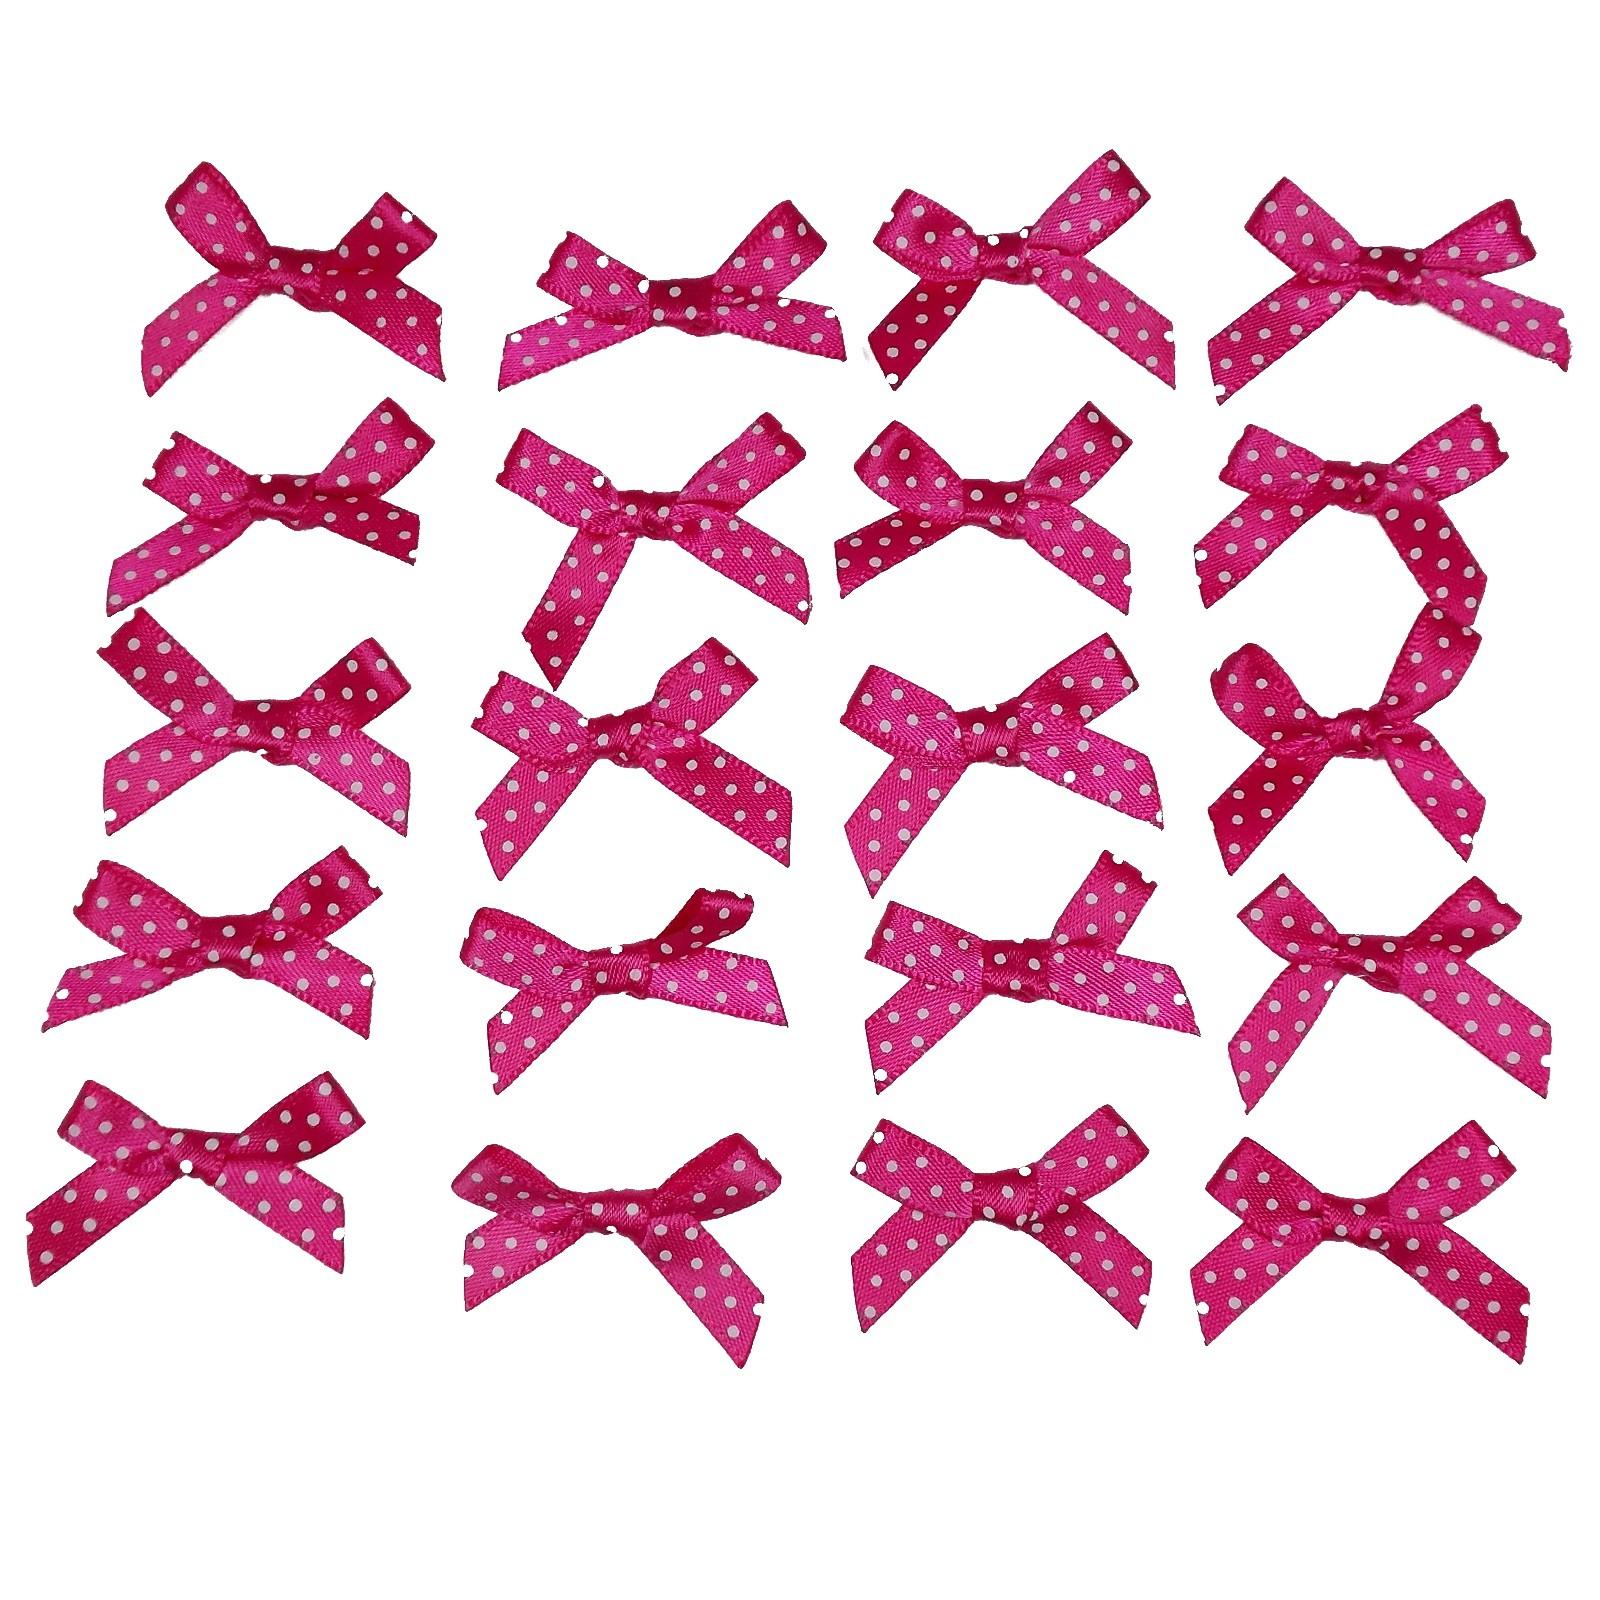 Satin Polka Dot Spot Ribbon Bows 4cm Pink Pack of 20